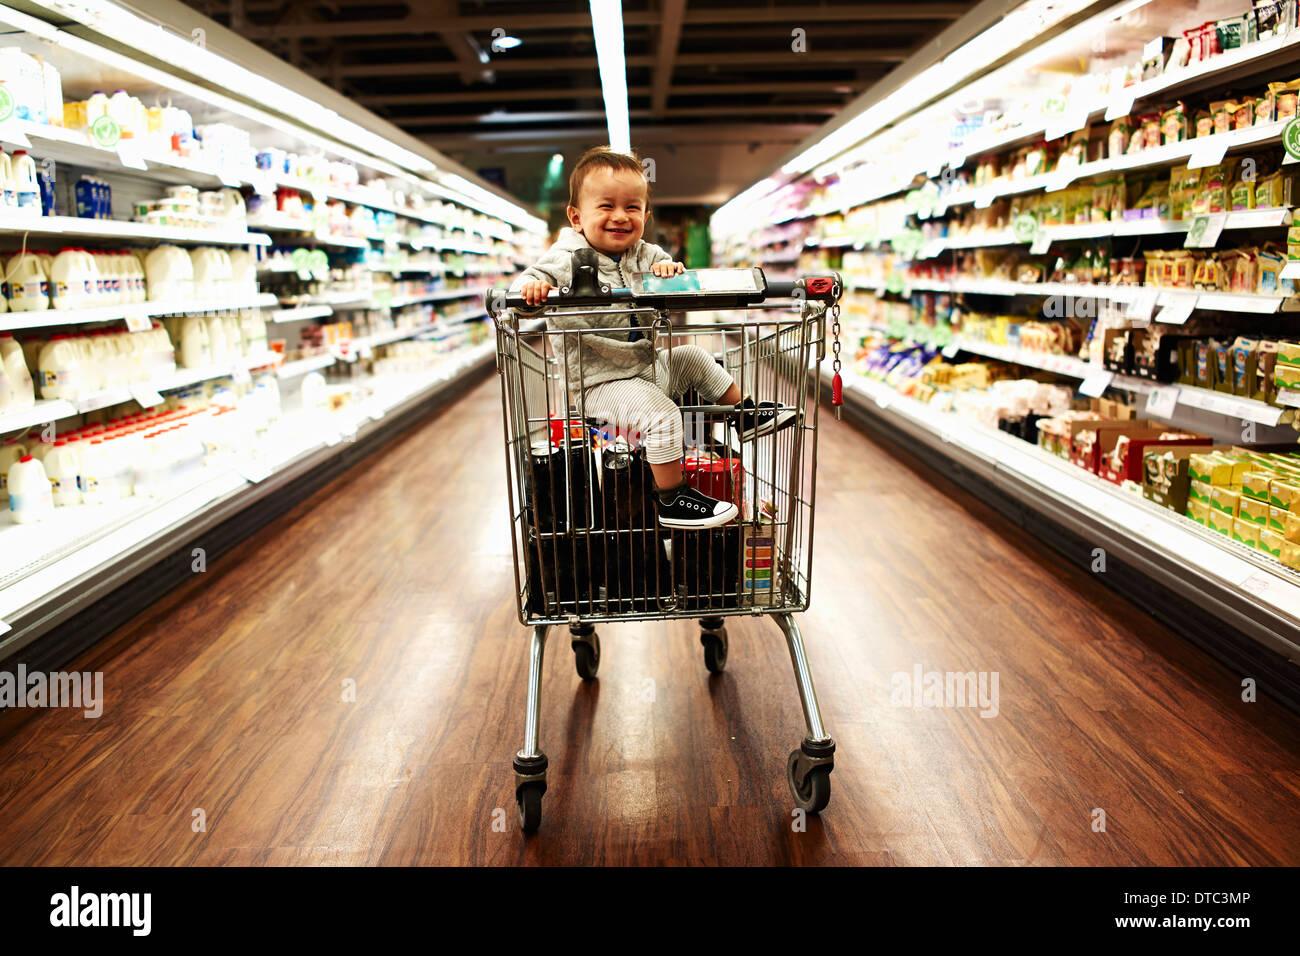 Bambino seduto nel carrello per supermercati Immagini Stock